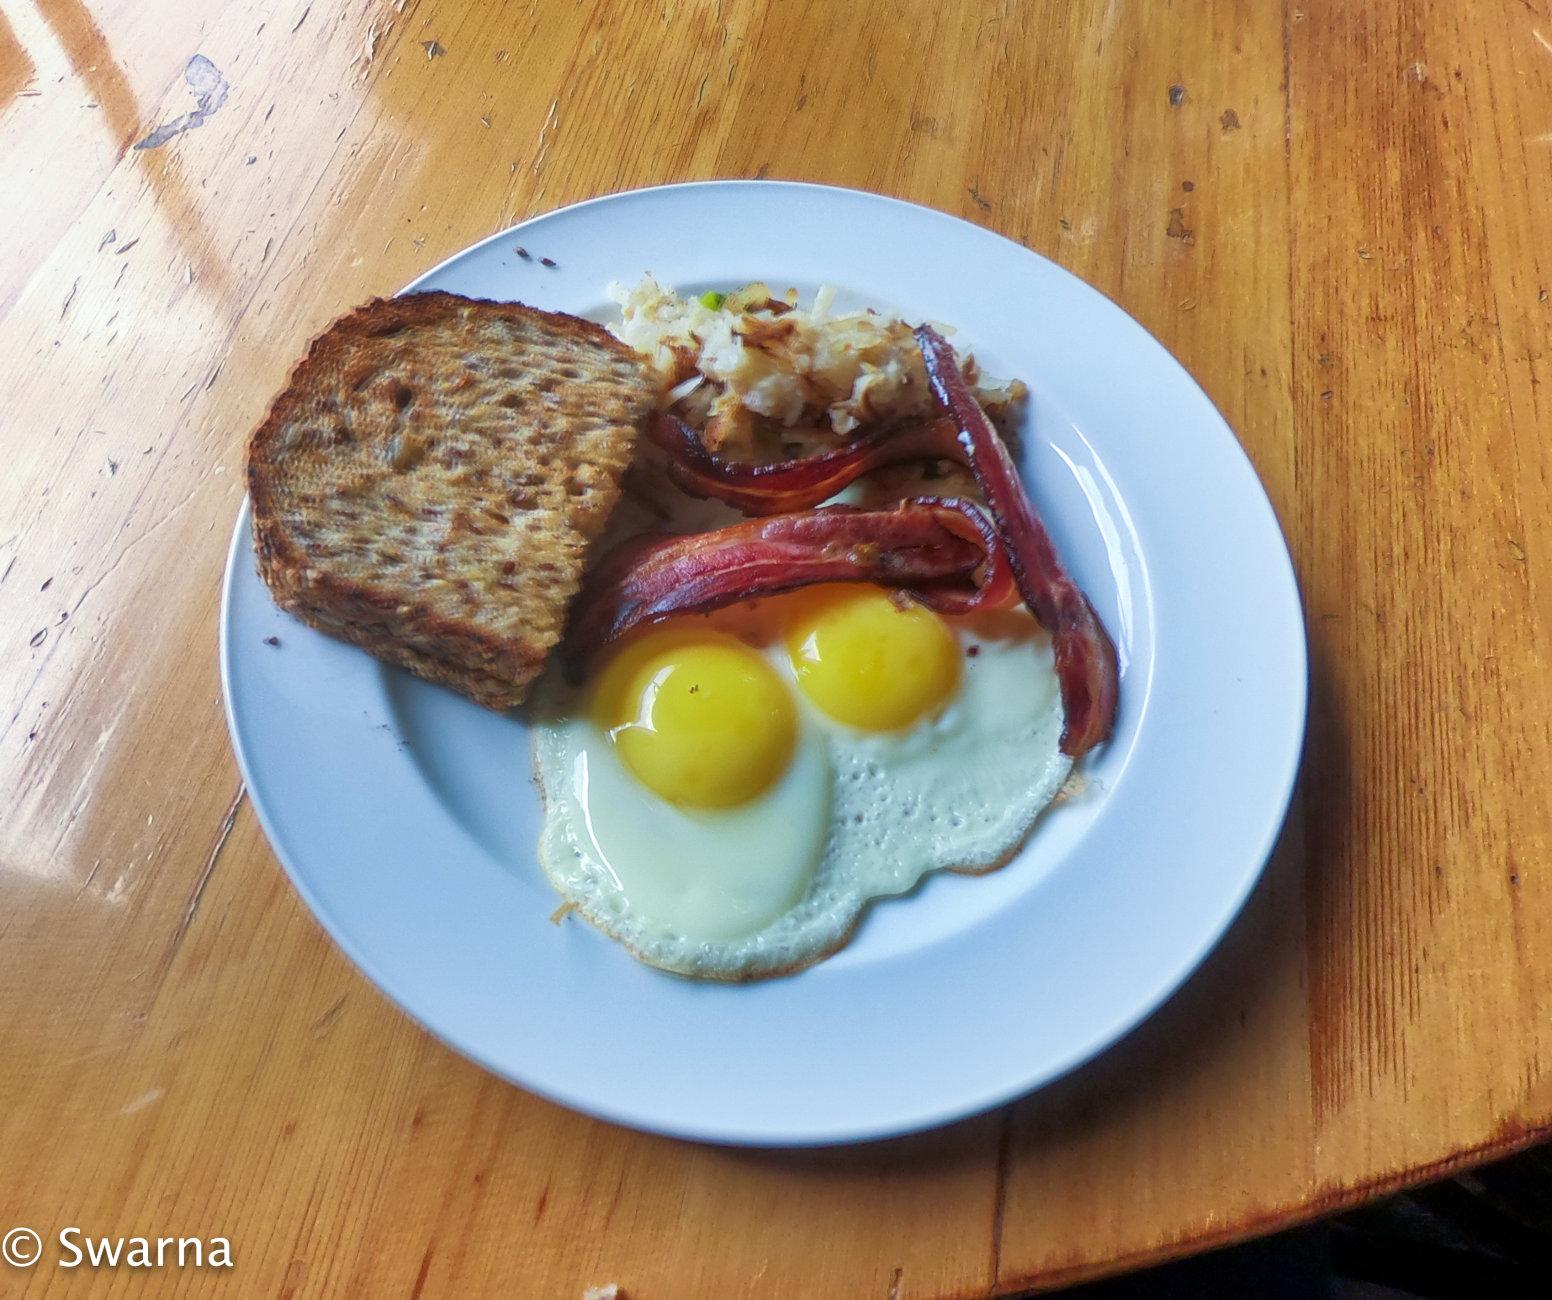 Breakfast time ...